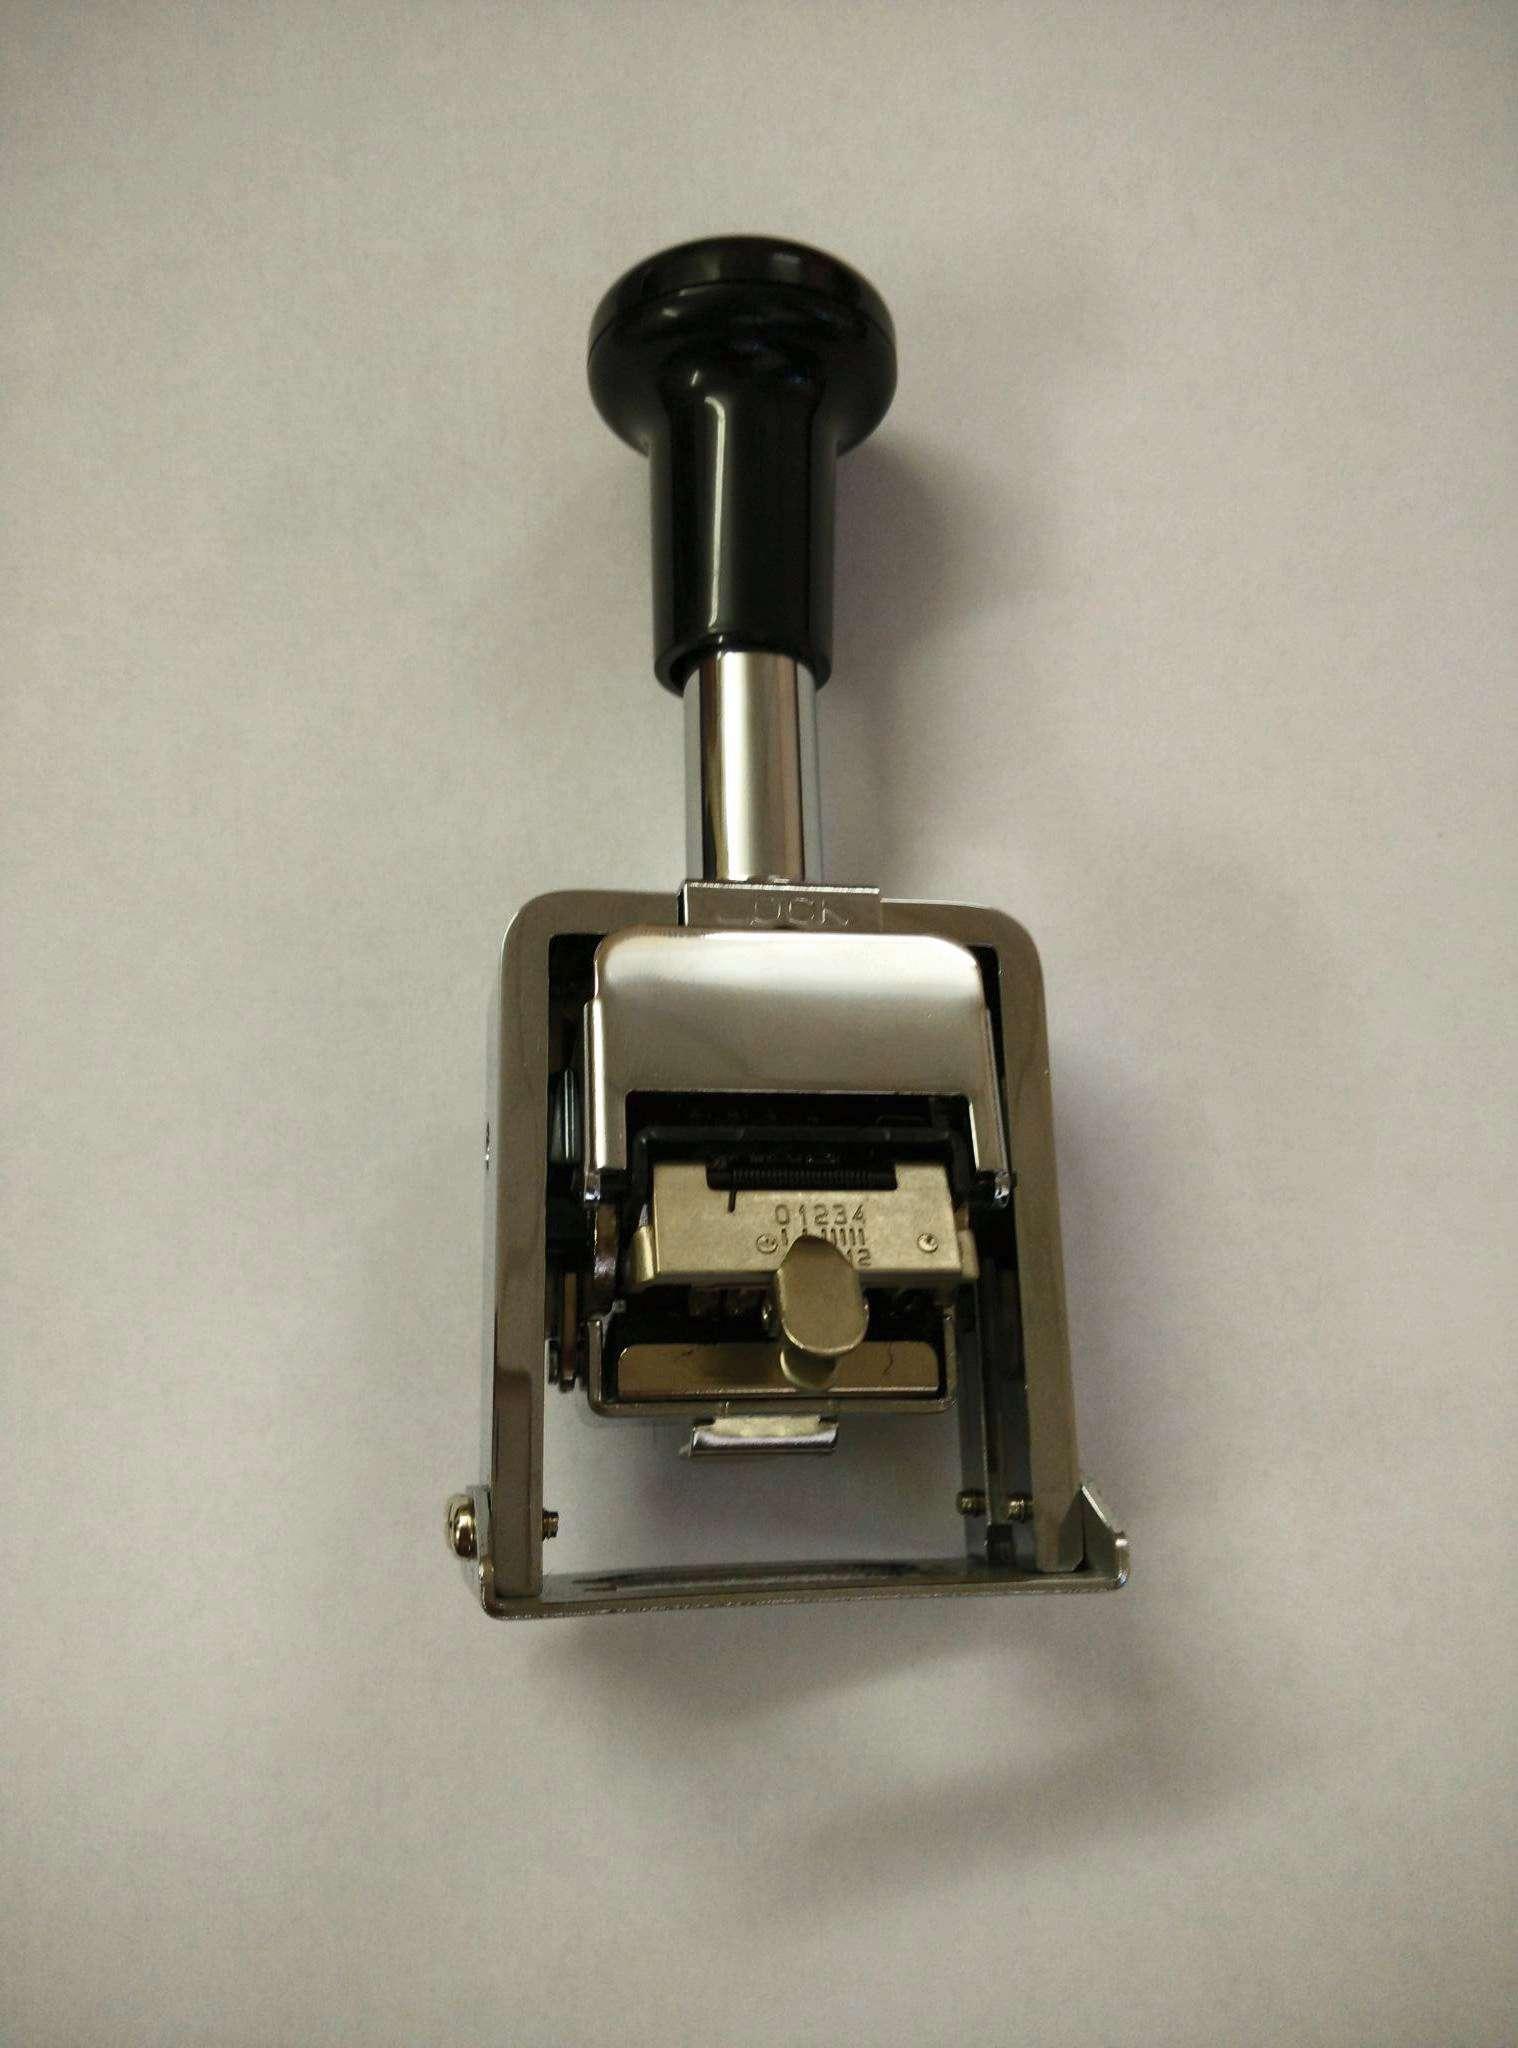 автоматический нумератор kw trio 20600 инструкция